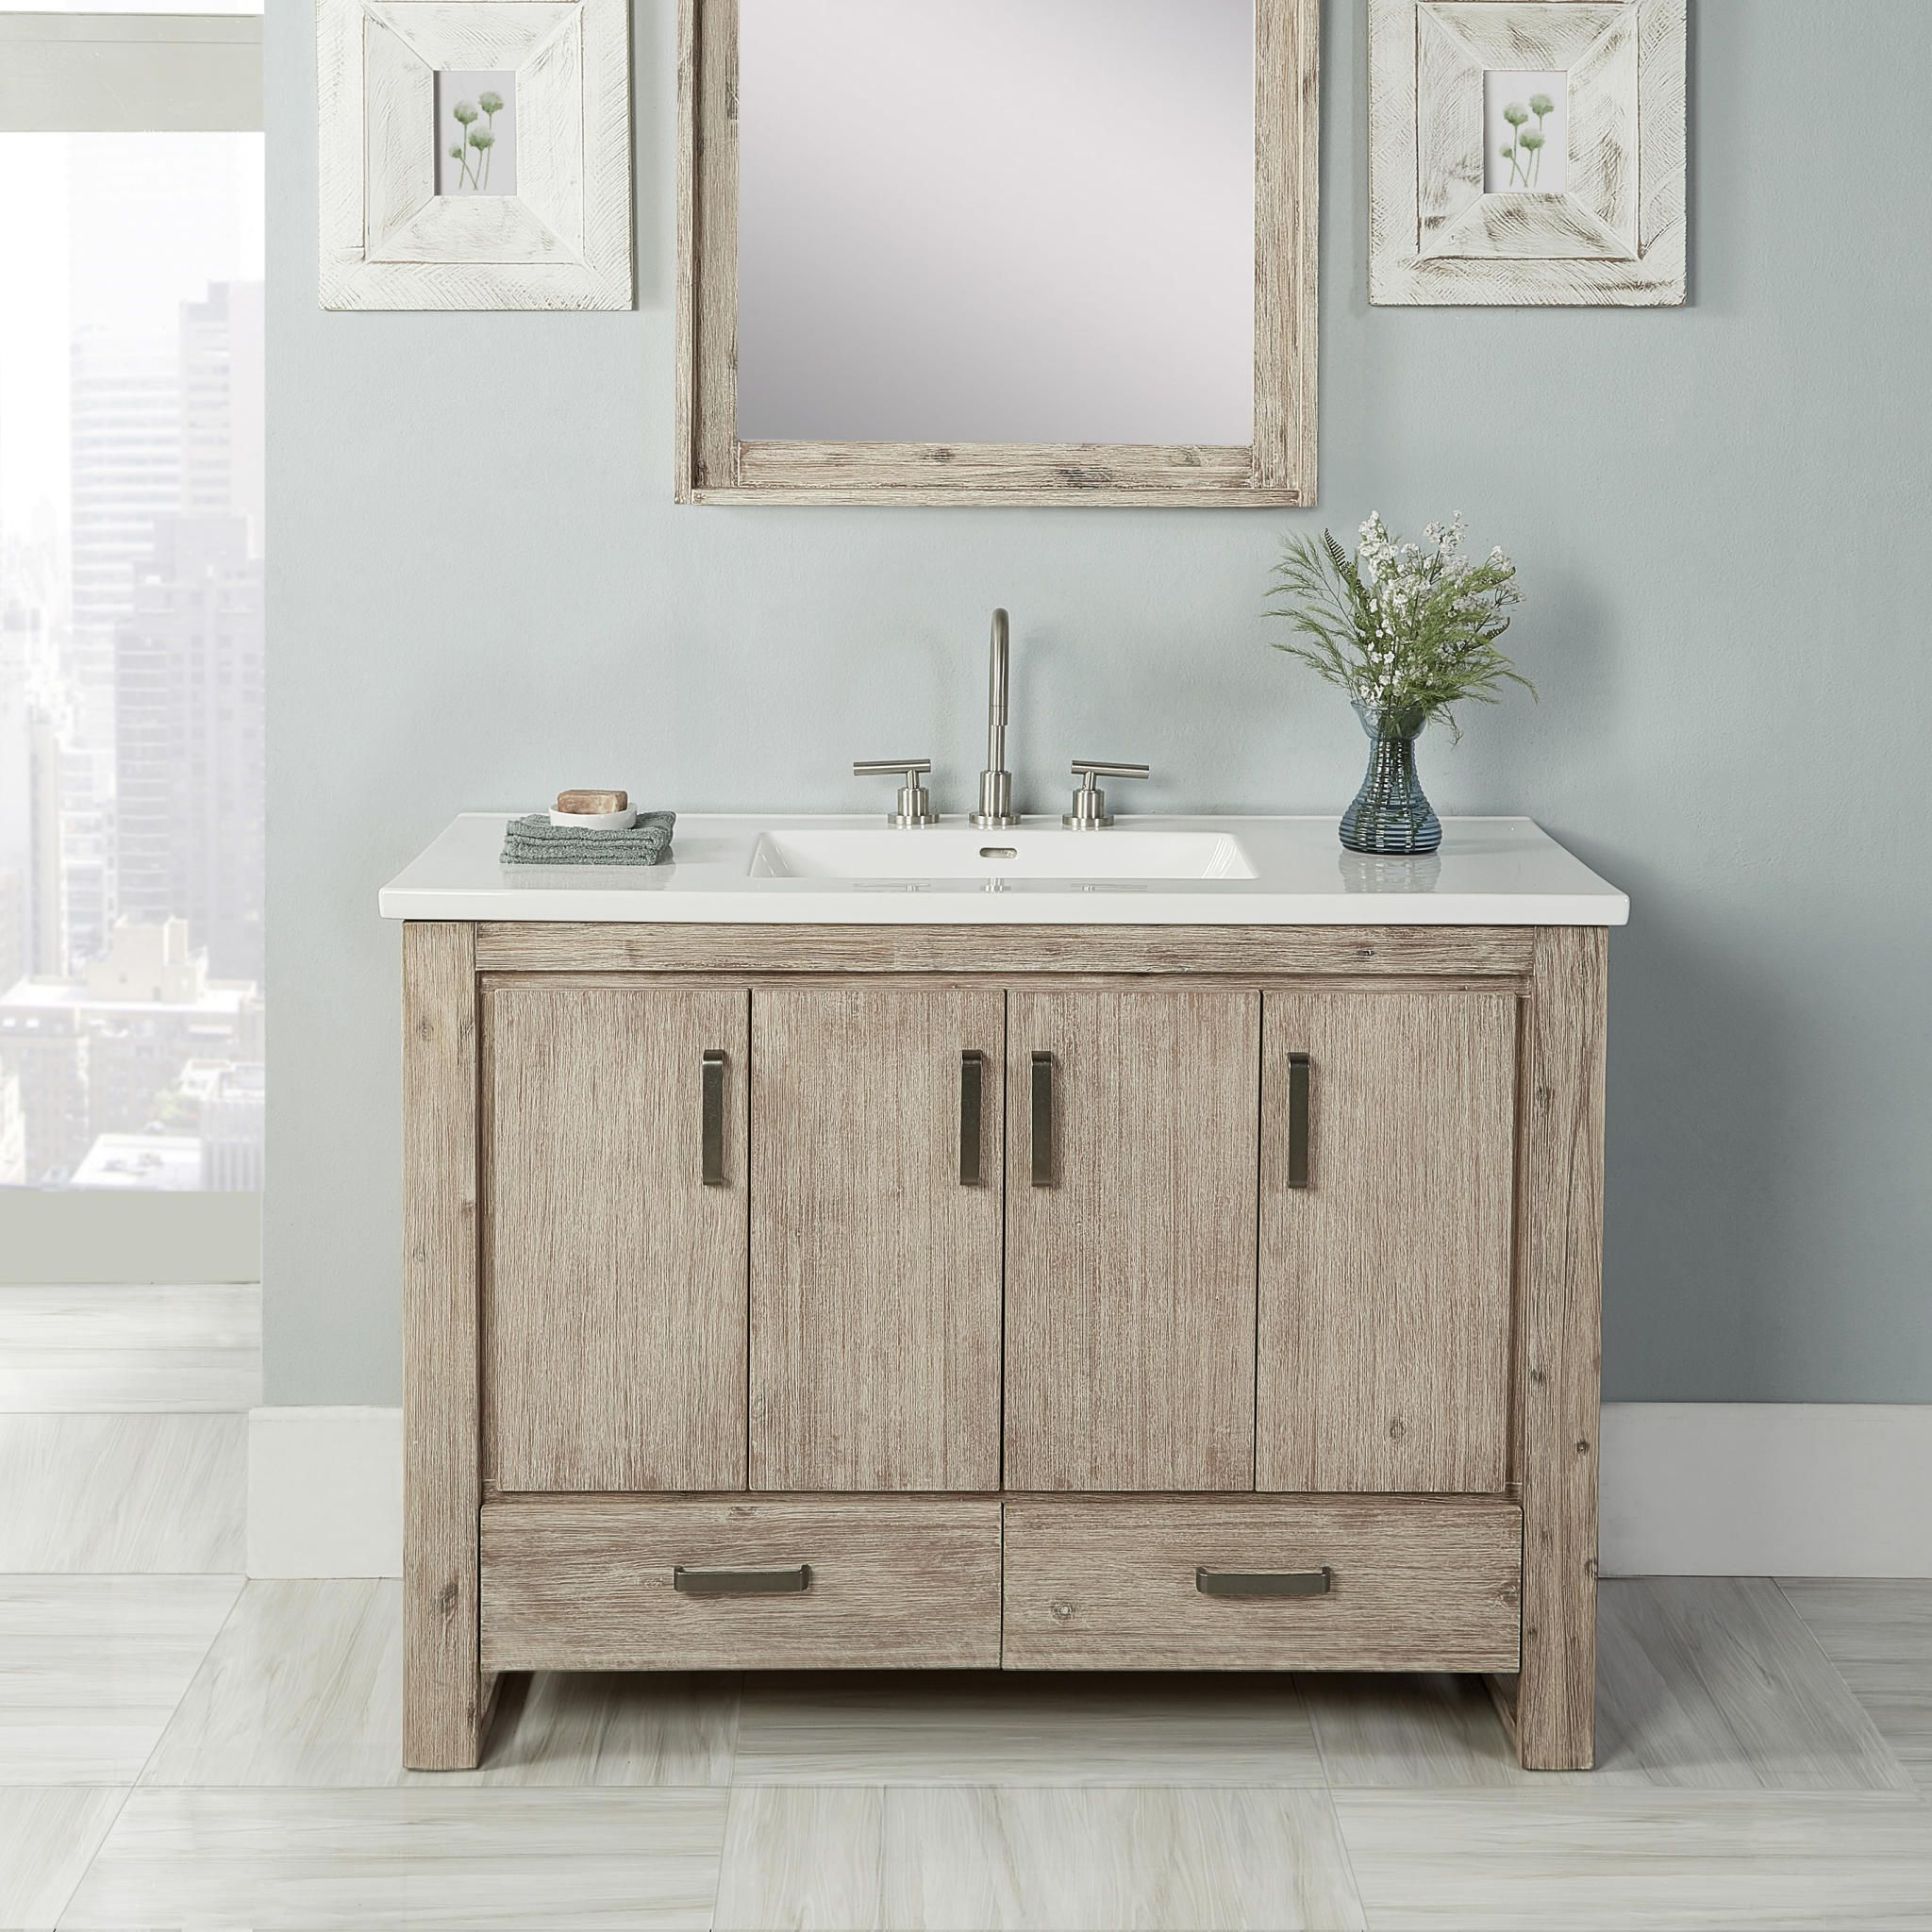 Find Shop For And Buy Fairmont Designs 1530 V48 Bathroom Vanity